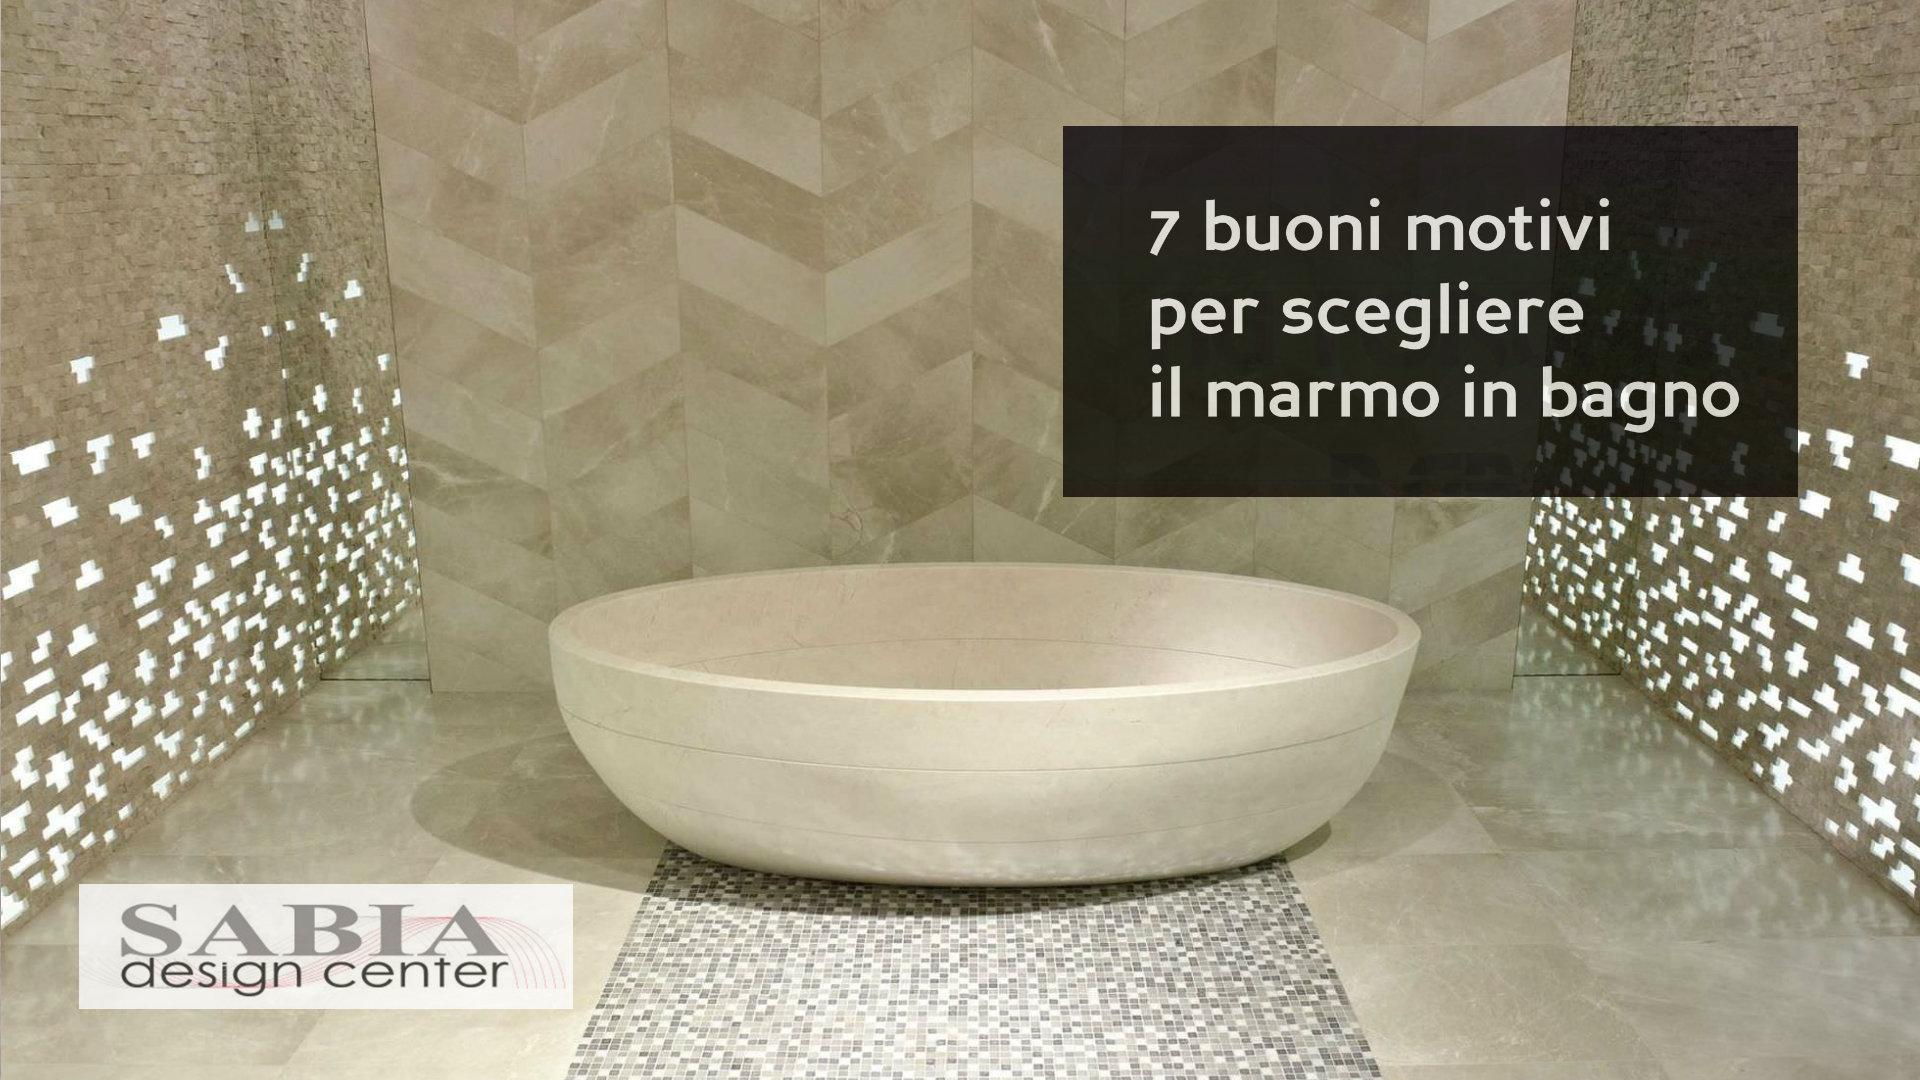 Bagno motivi per scegliere un rivestimento in marmo